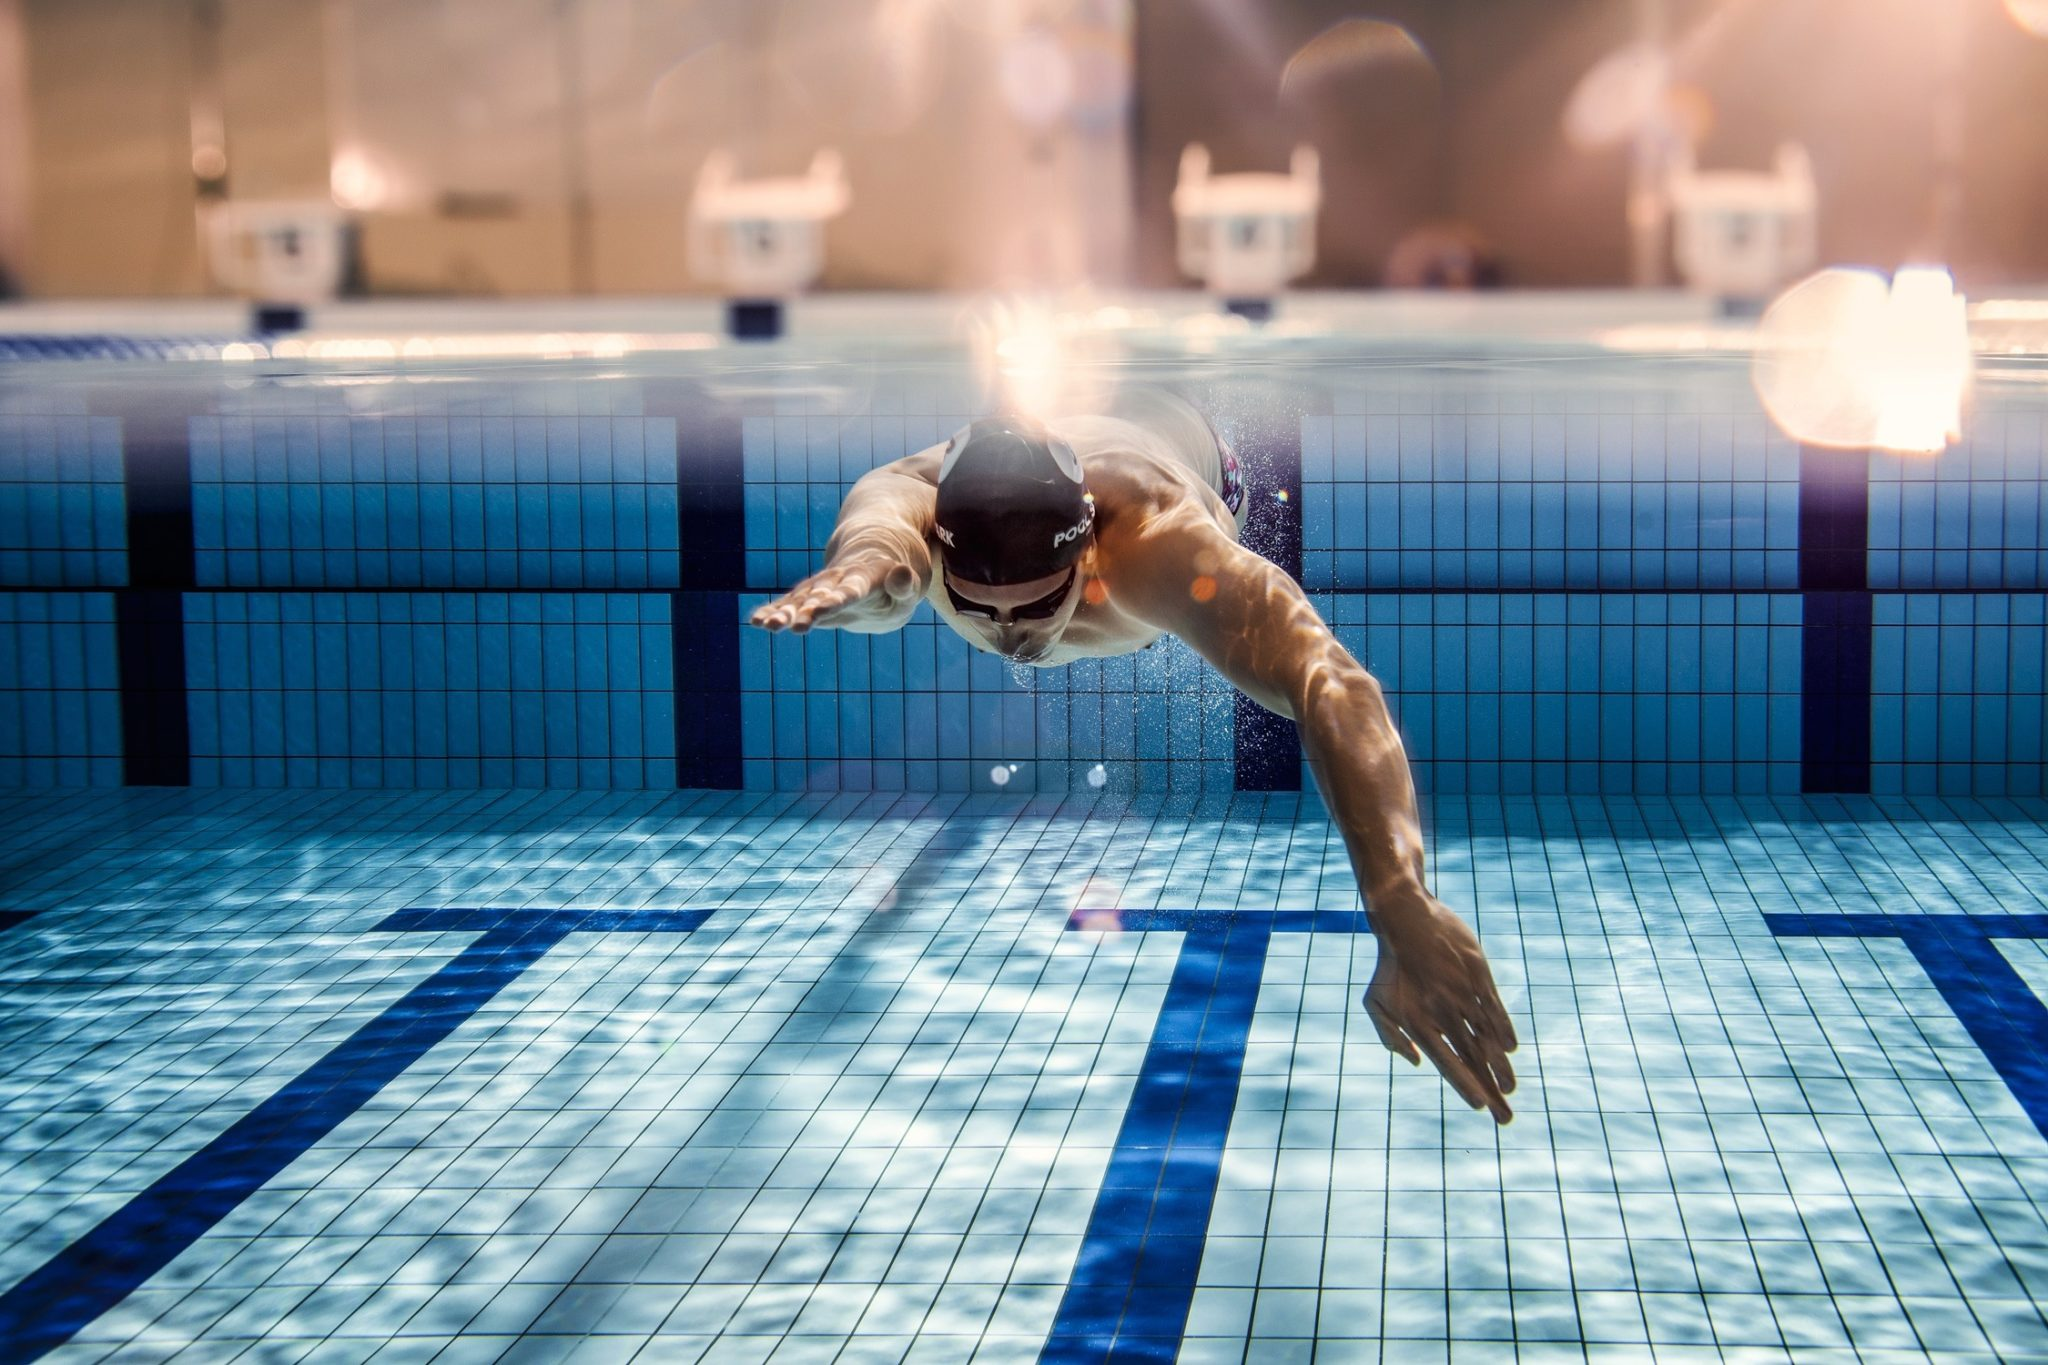 Berapa Lama Tidur yang Dibutuhkan Tubuh Saya Setelah Latihan Berenang?